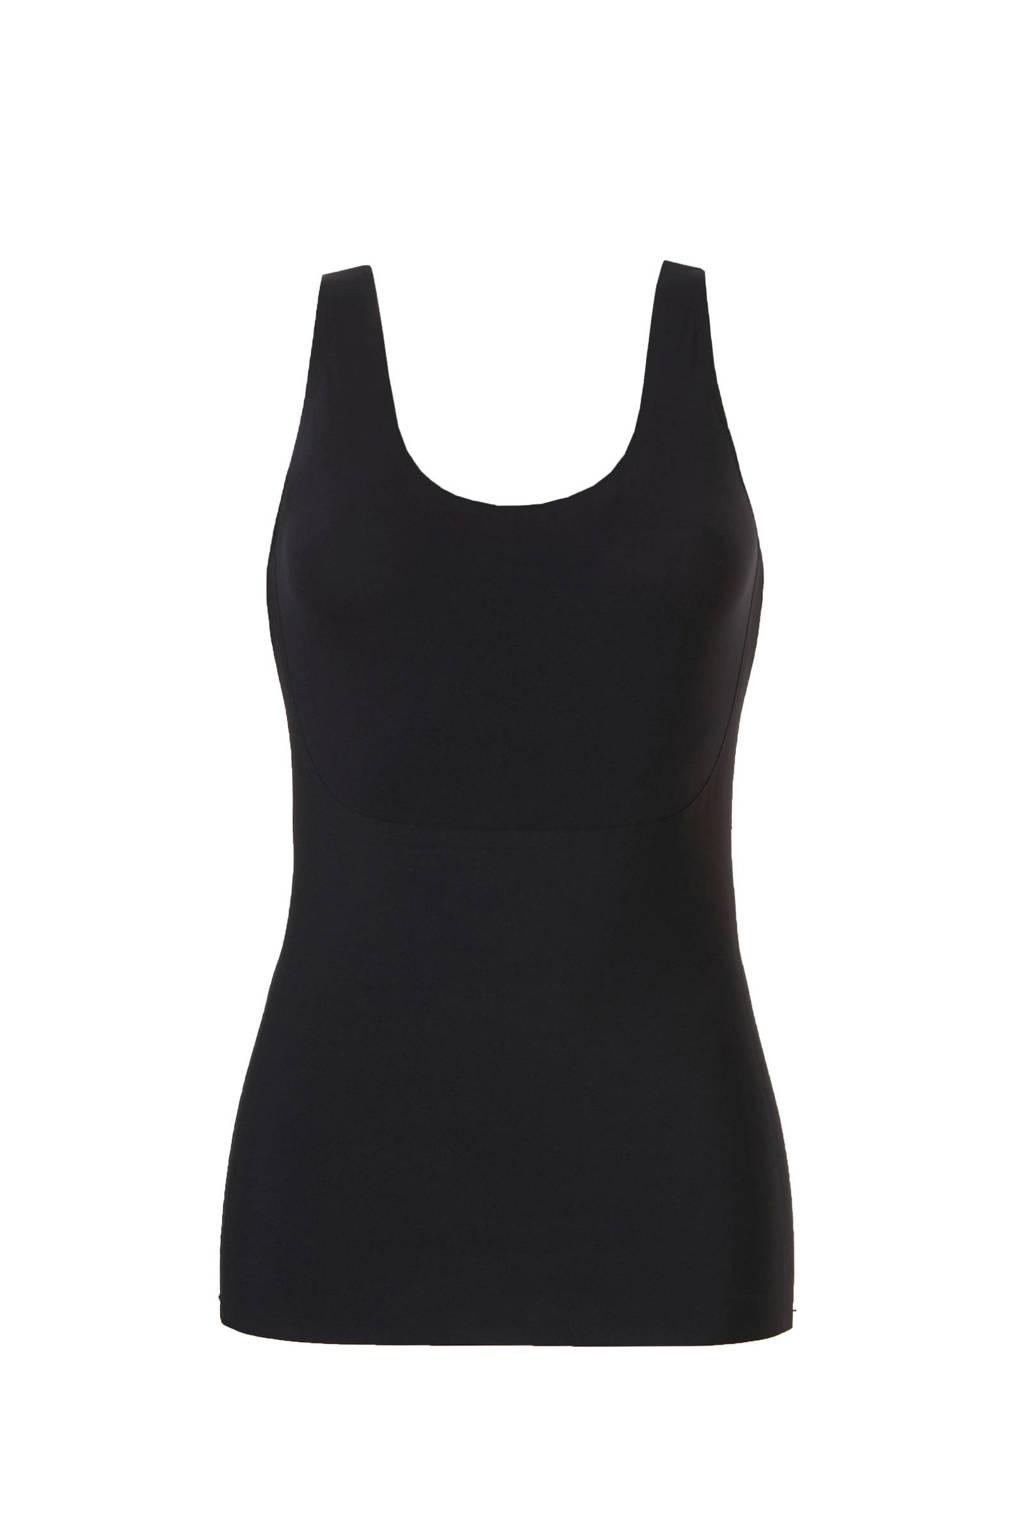 ten Cate Secrets Shape naadloos corrigerend hemd zwart, Zwart